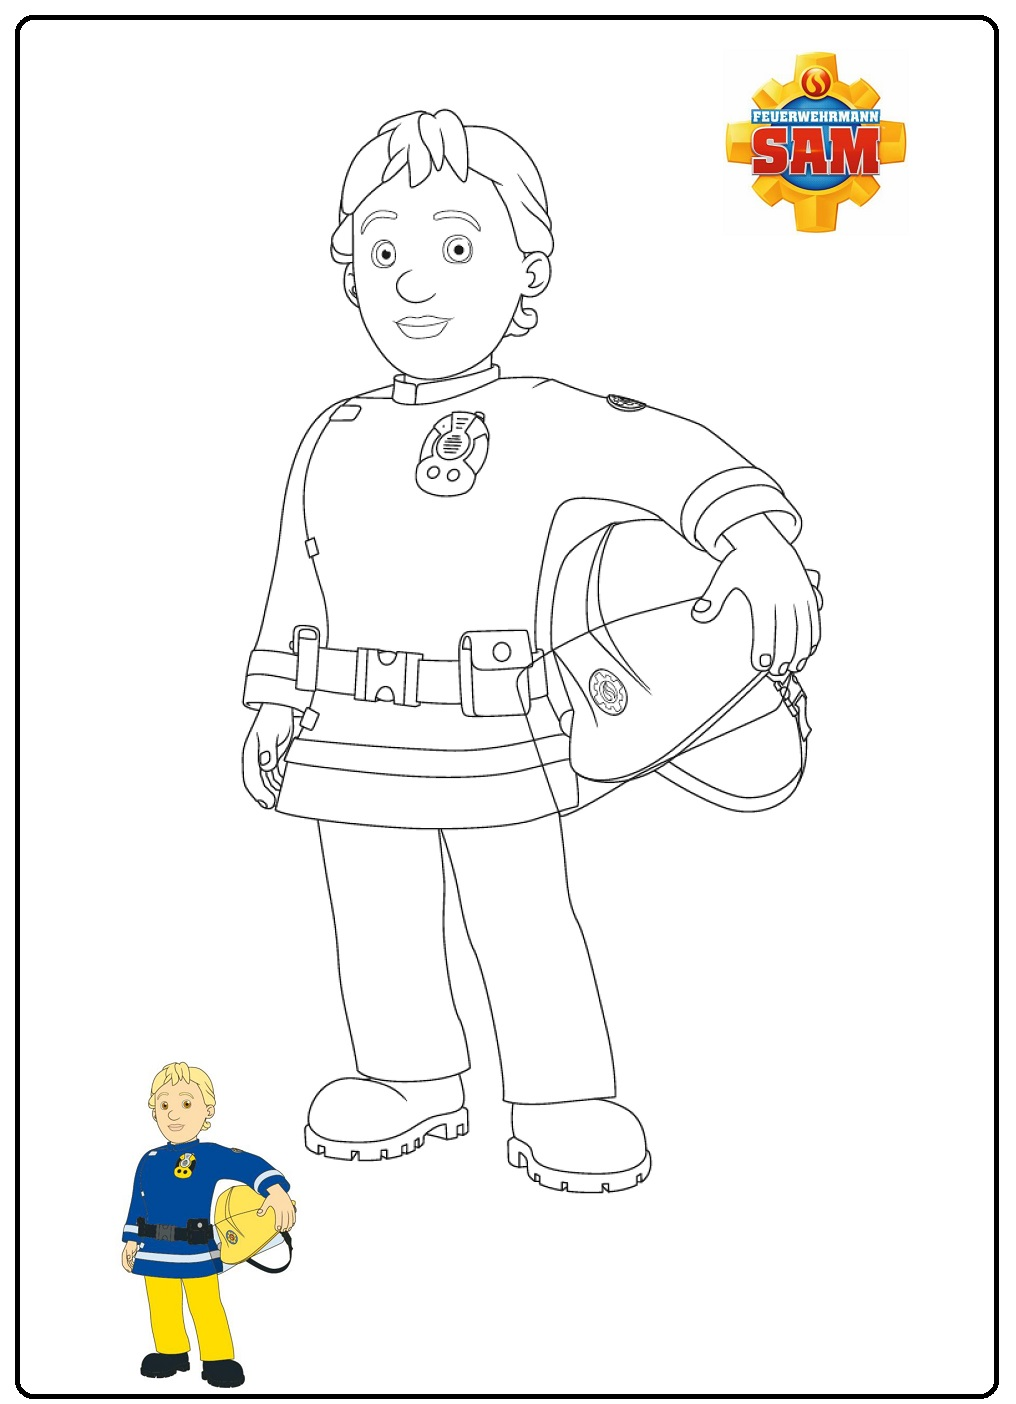 Penny da colorare da Sam il pompiere - Stampa e colora